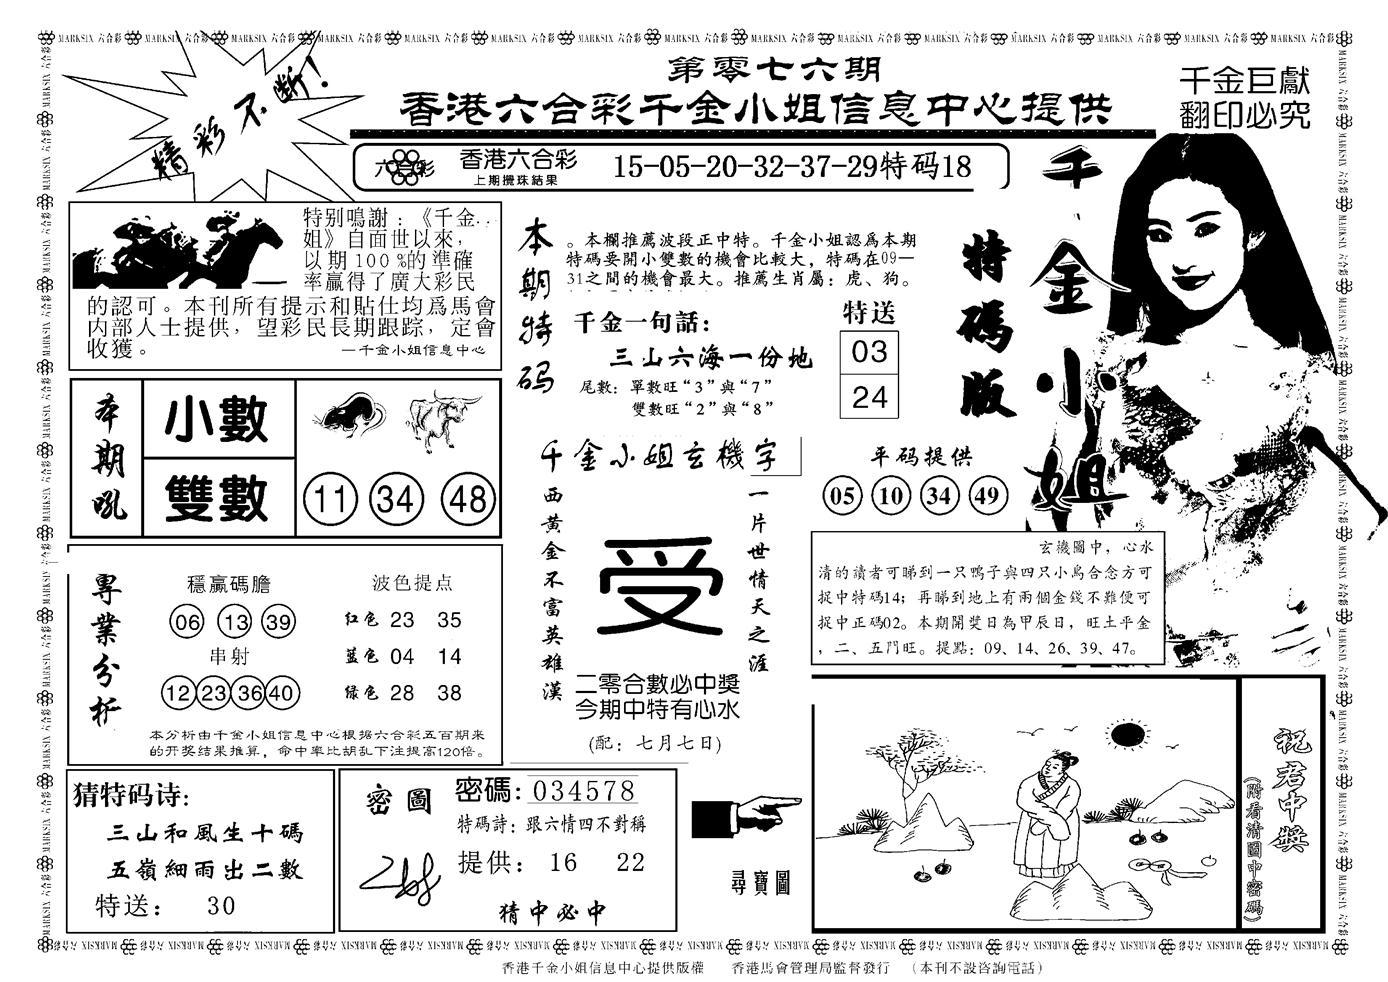 076期千金小姐A(新)(黑白)